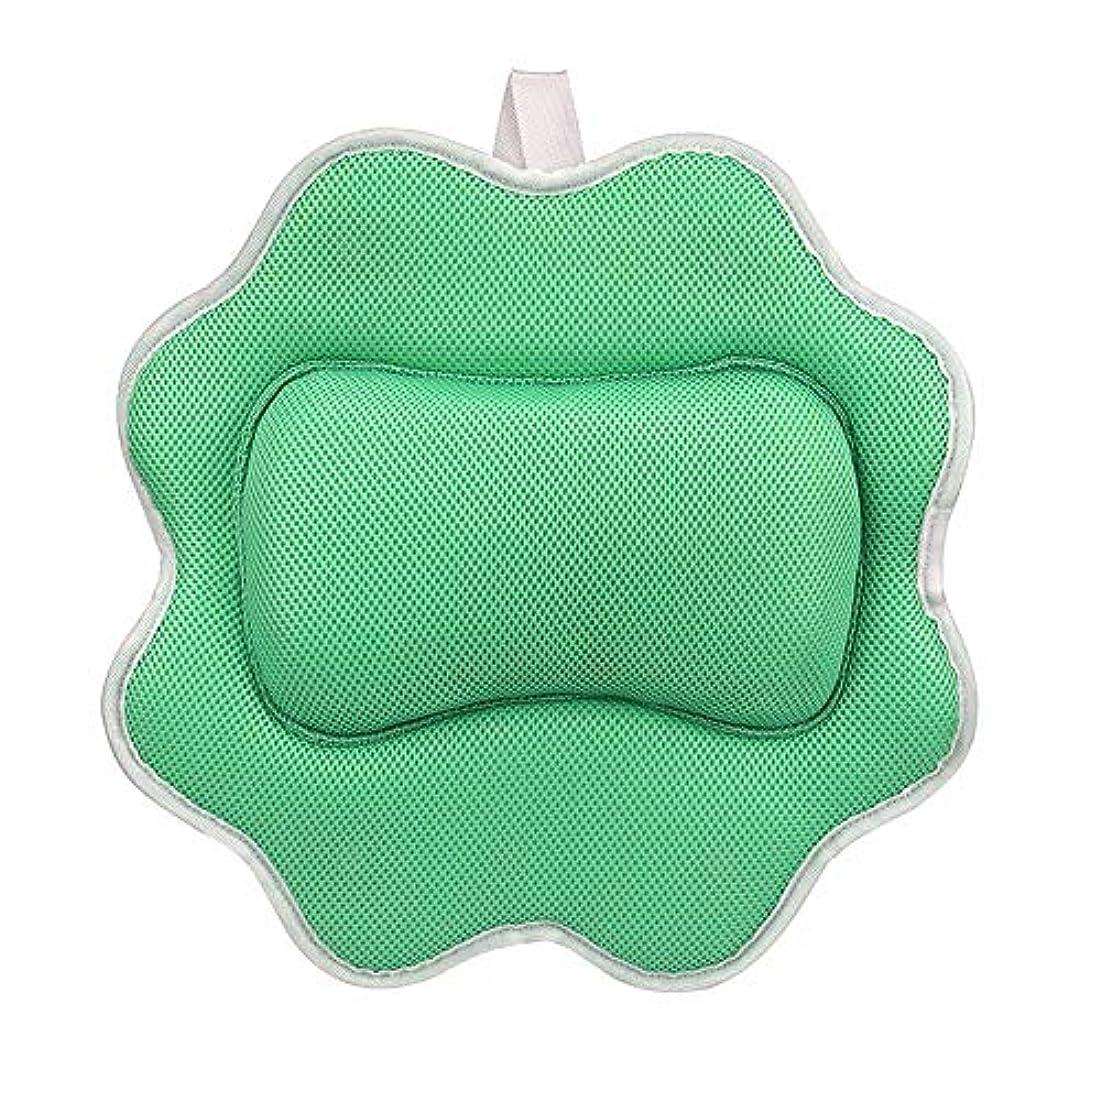 解釈的ピニオン不測の事態サンフラワーバスピロースパマッサージ枕用アップグレード5 dエアーメッシュ技術あなたの肌と首を保護、洗濯機で洗えます